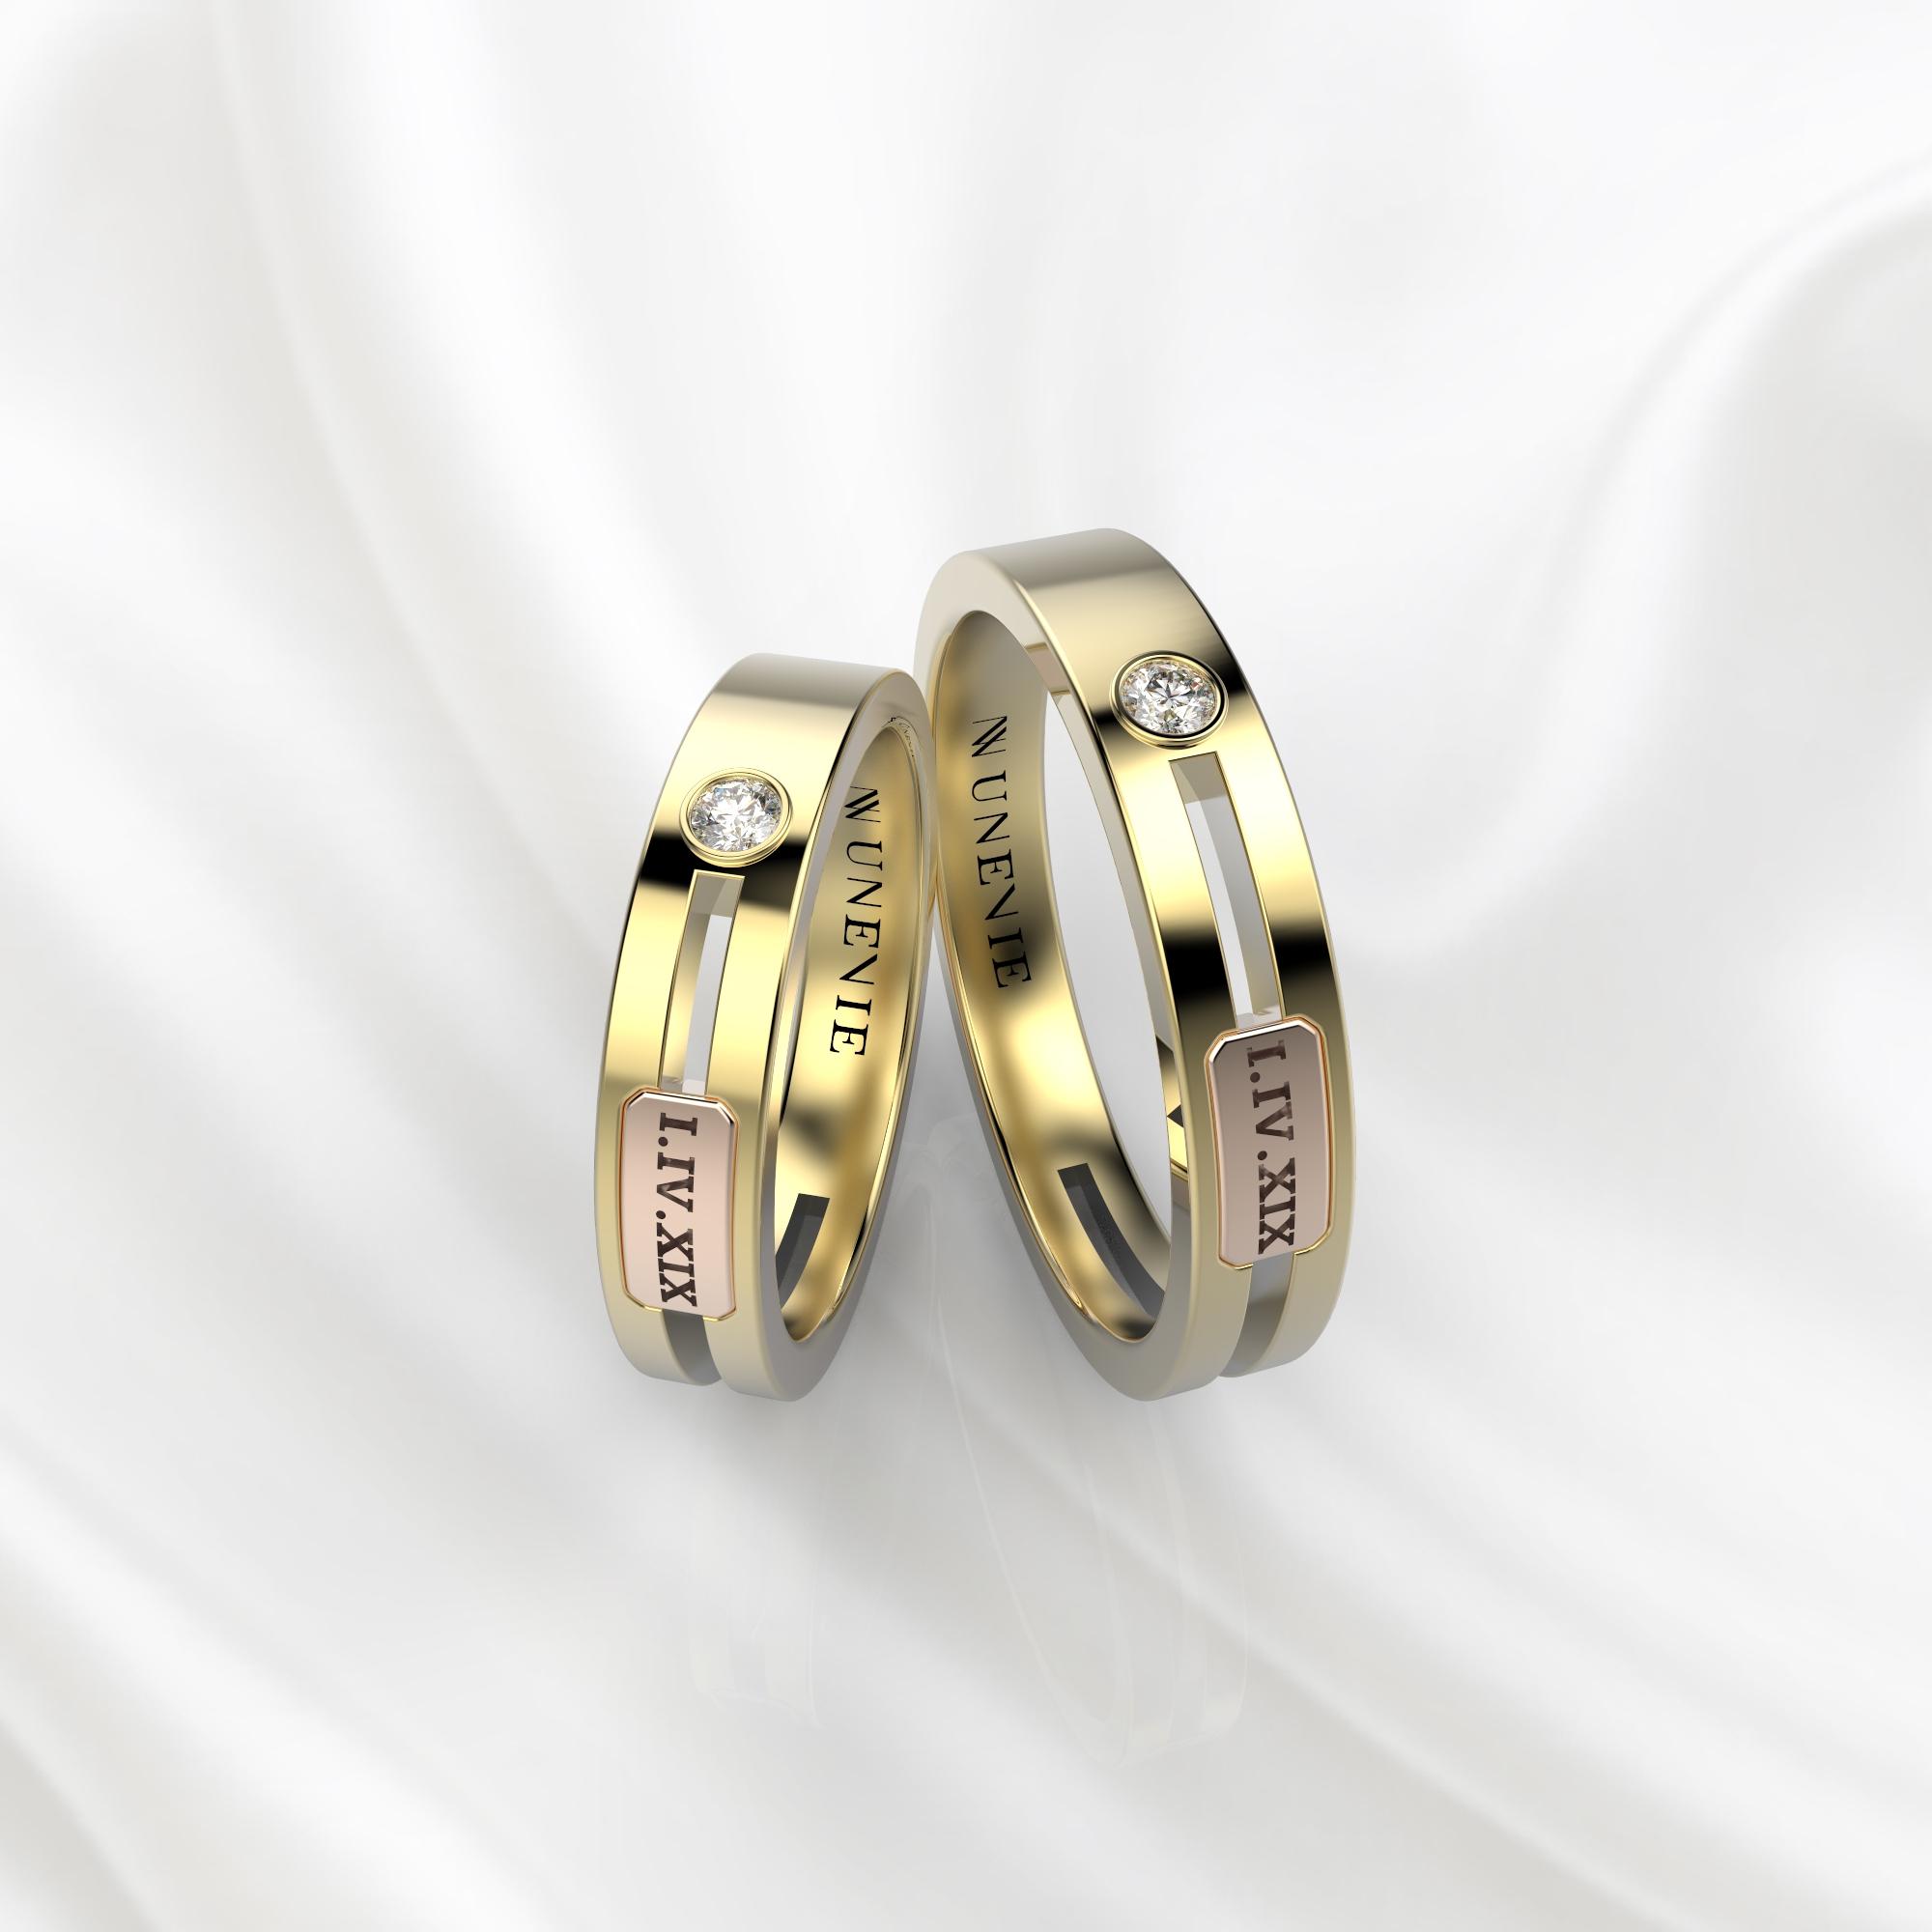 NV55 Парные обручальные кольца из желто-розового золота с бриллиантами